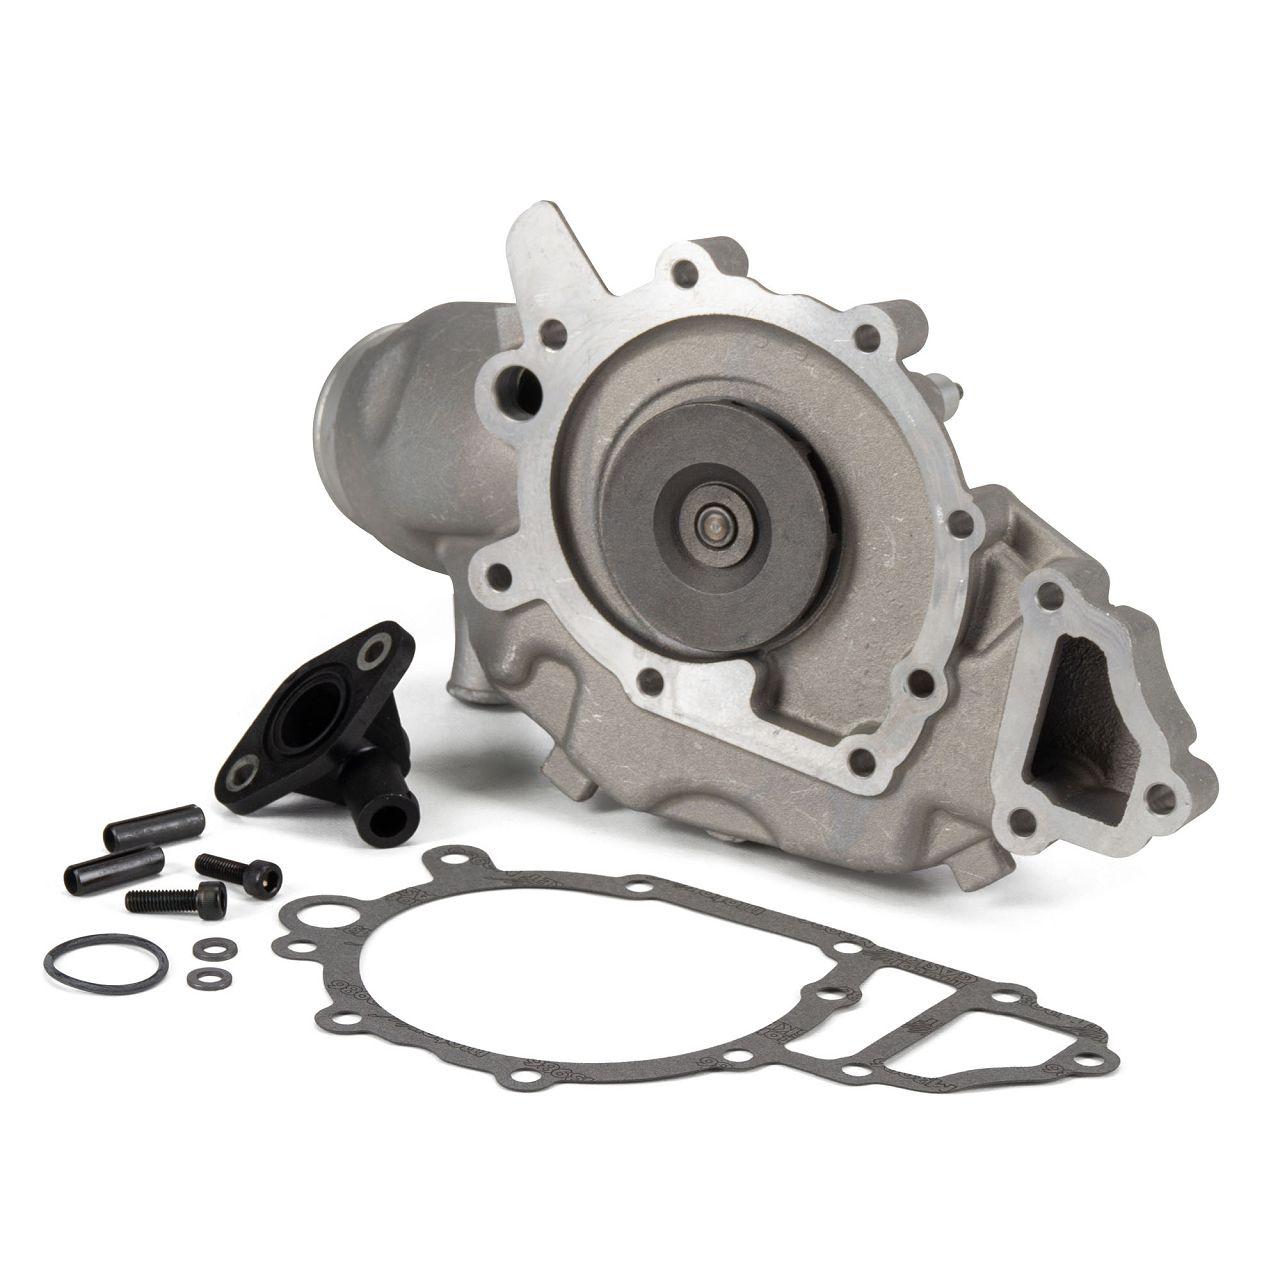 GEBA 15003 Wasserpumpe für PORSCHE 924 2.5 S + 944 2.5 / 2.5 S / 2.5 Turbo